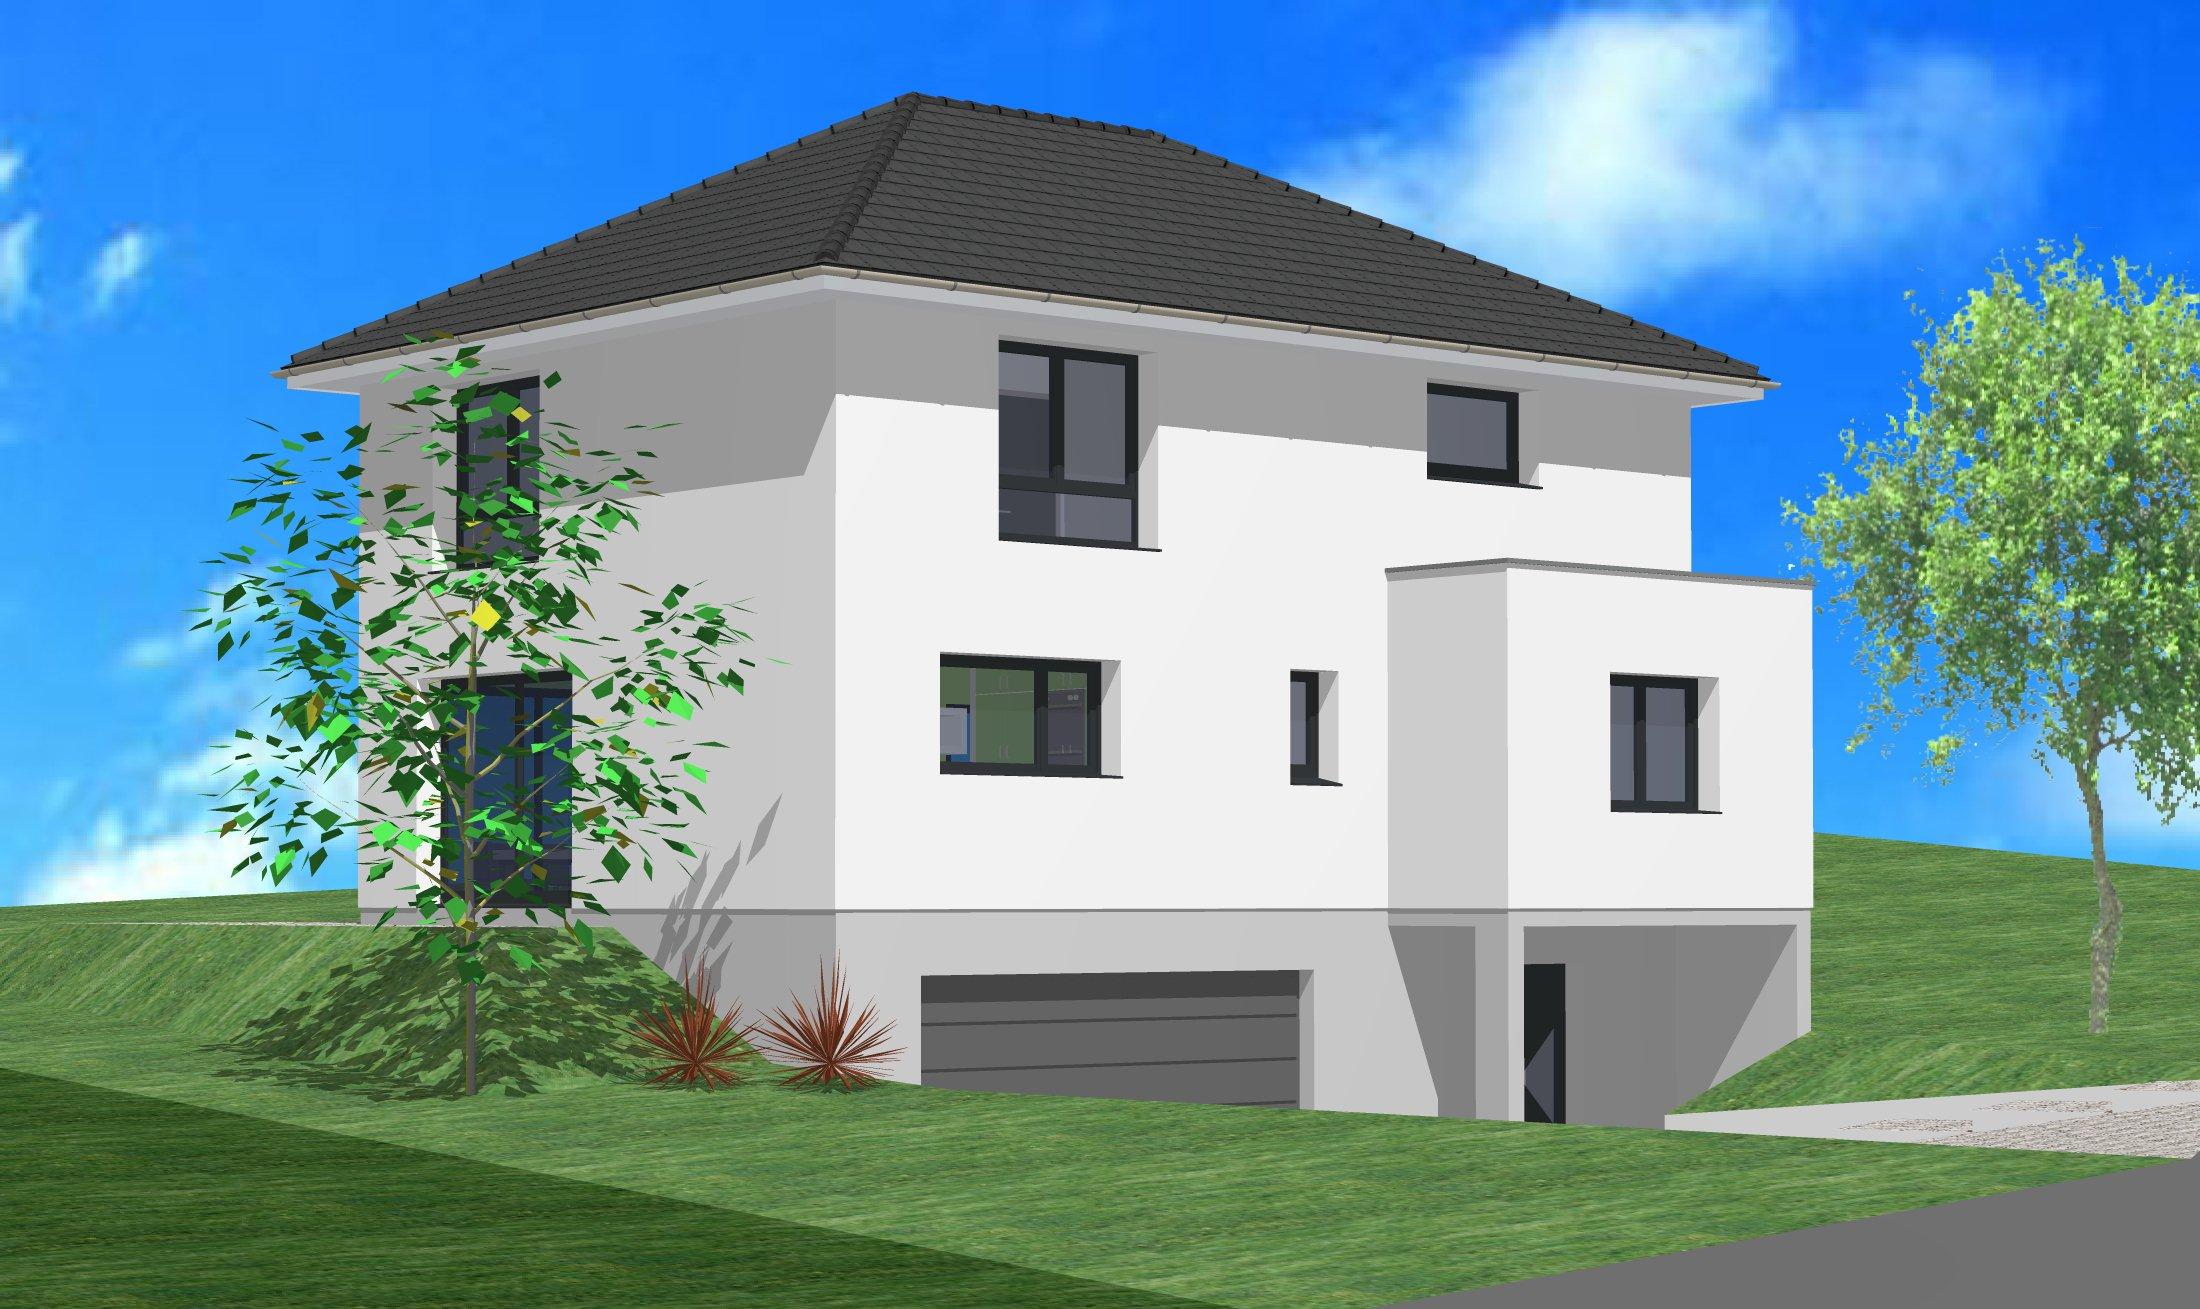 Terrains du constructeur CREAGES • 569 m² • HAGENTHAL LE HAUT